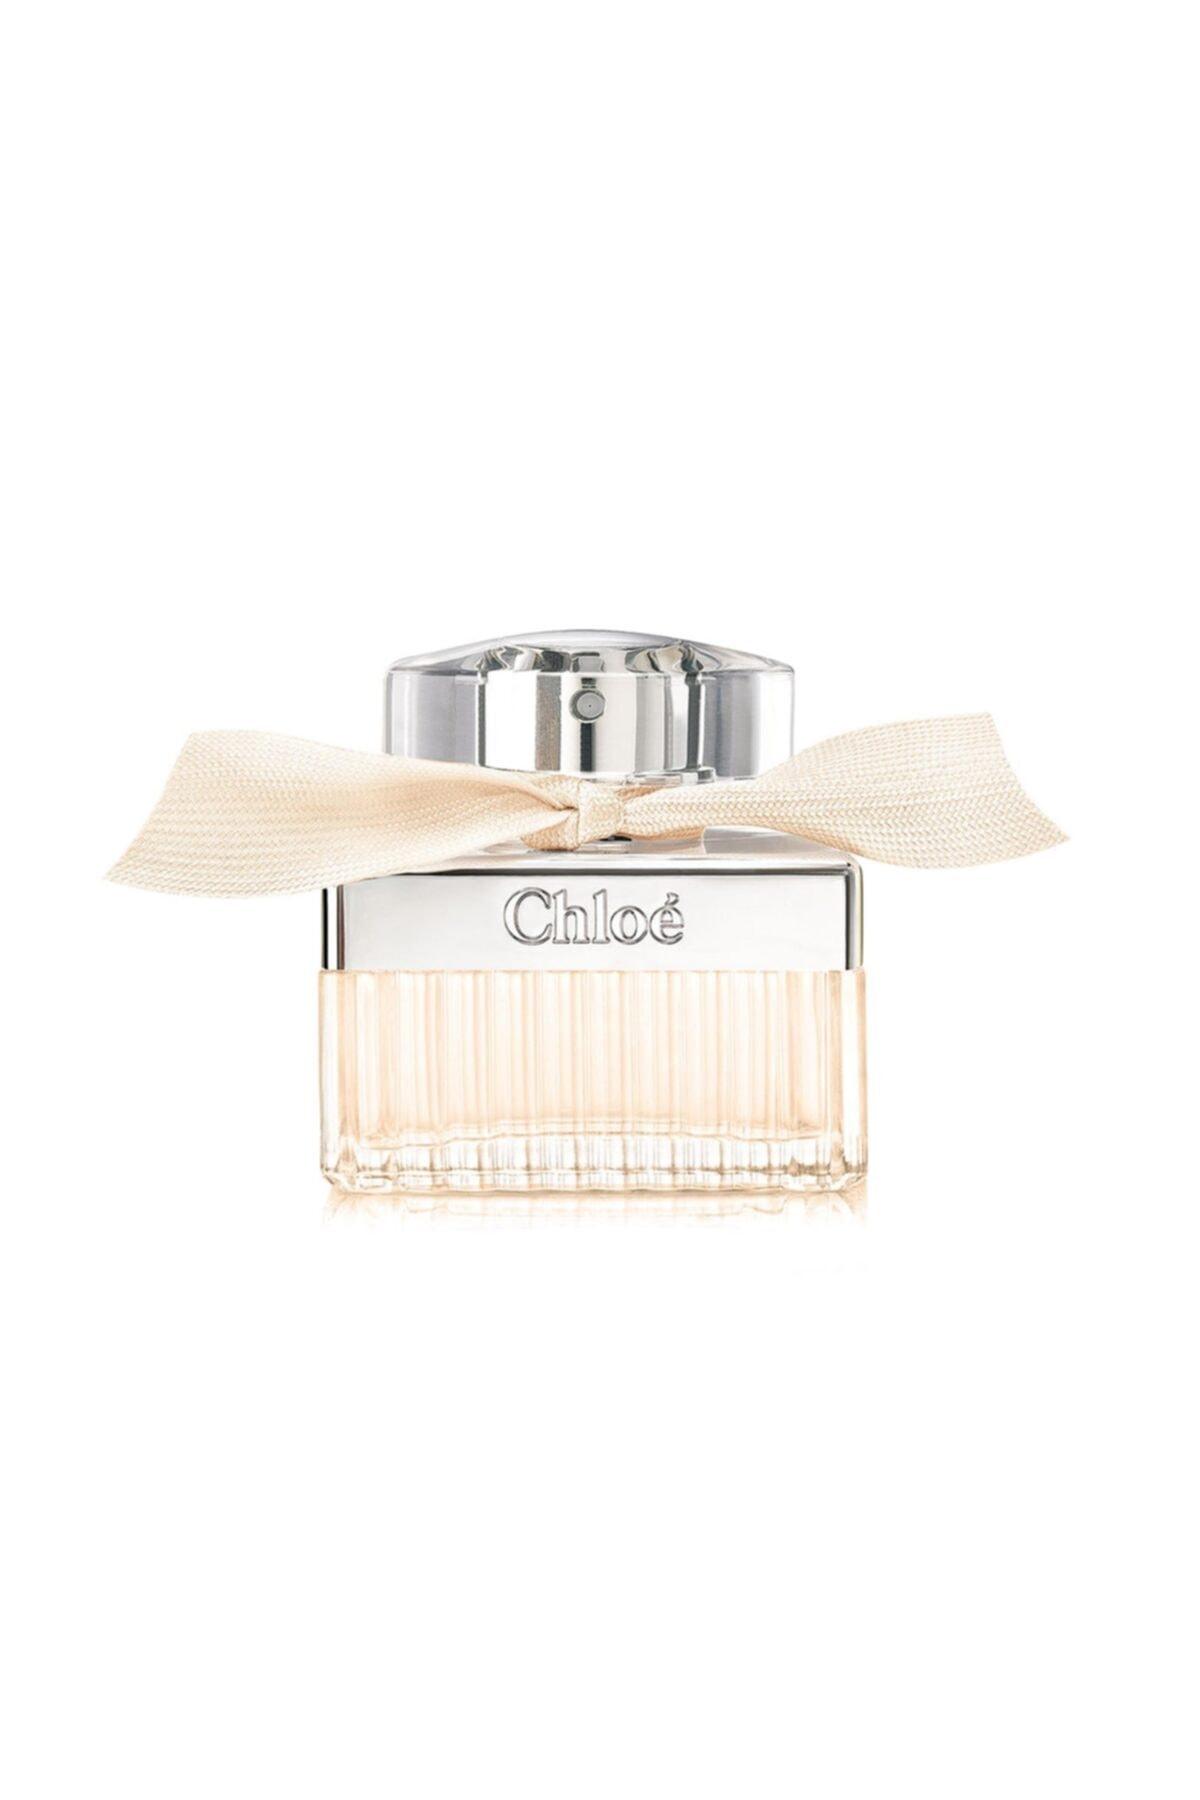 CHLOE Signature Edp 30 ml Kadın Parfüm  0688575201901 1